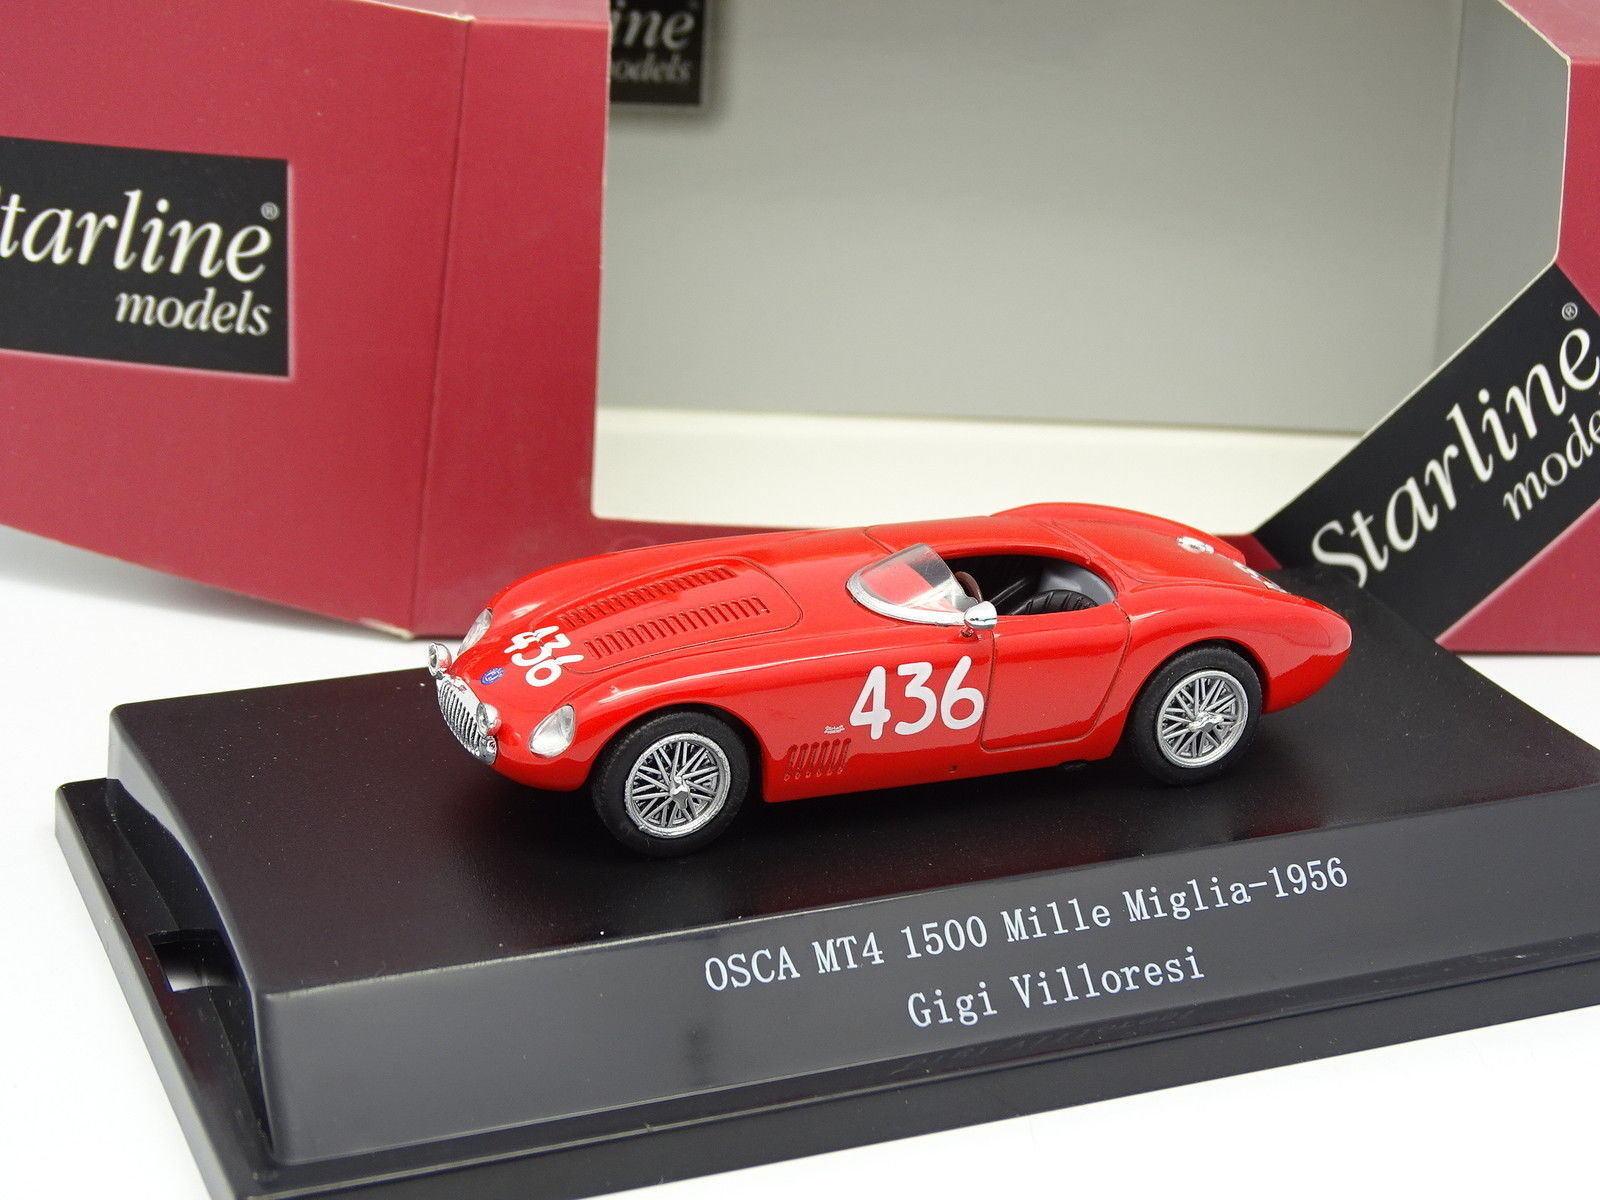 Starline 1 43 - Osca MT4 1500 Mille Miglia 1956